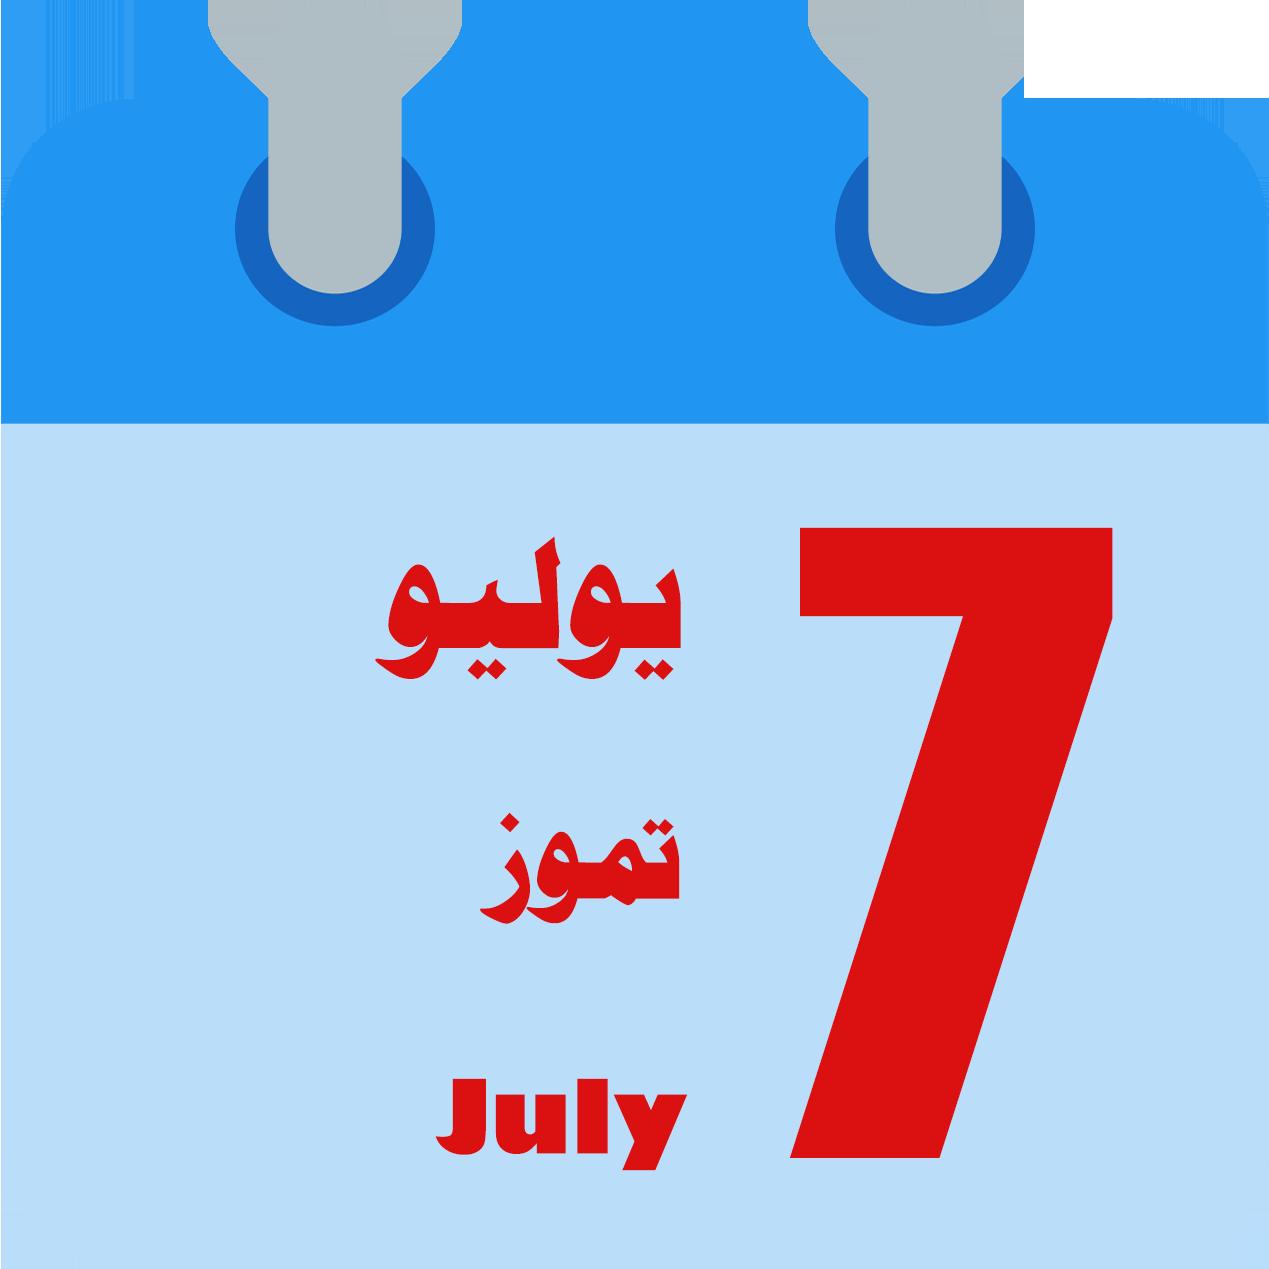 شهر يوليو